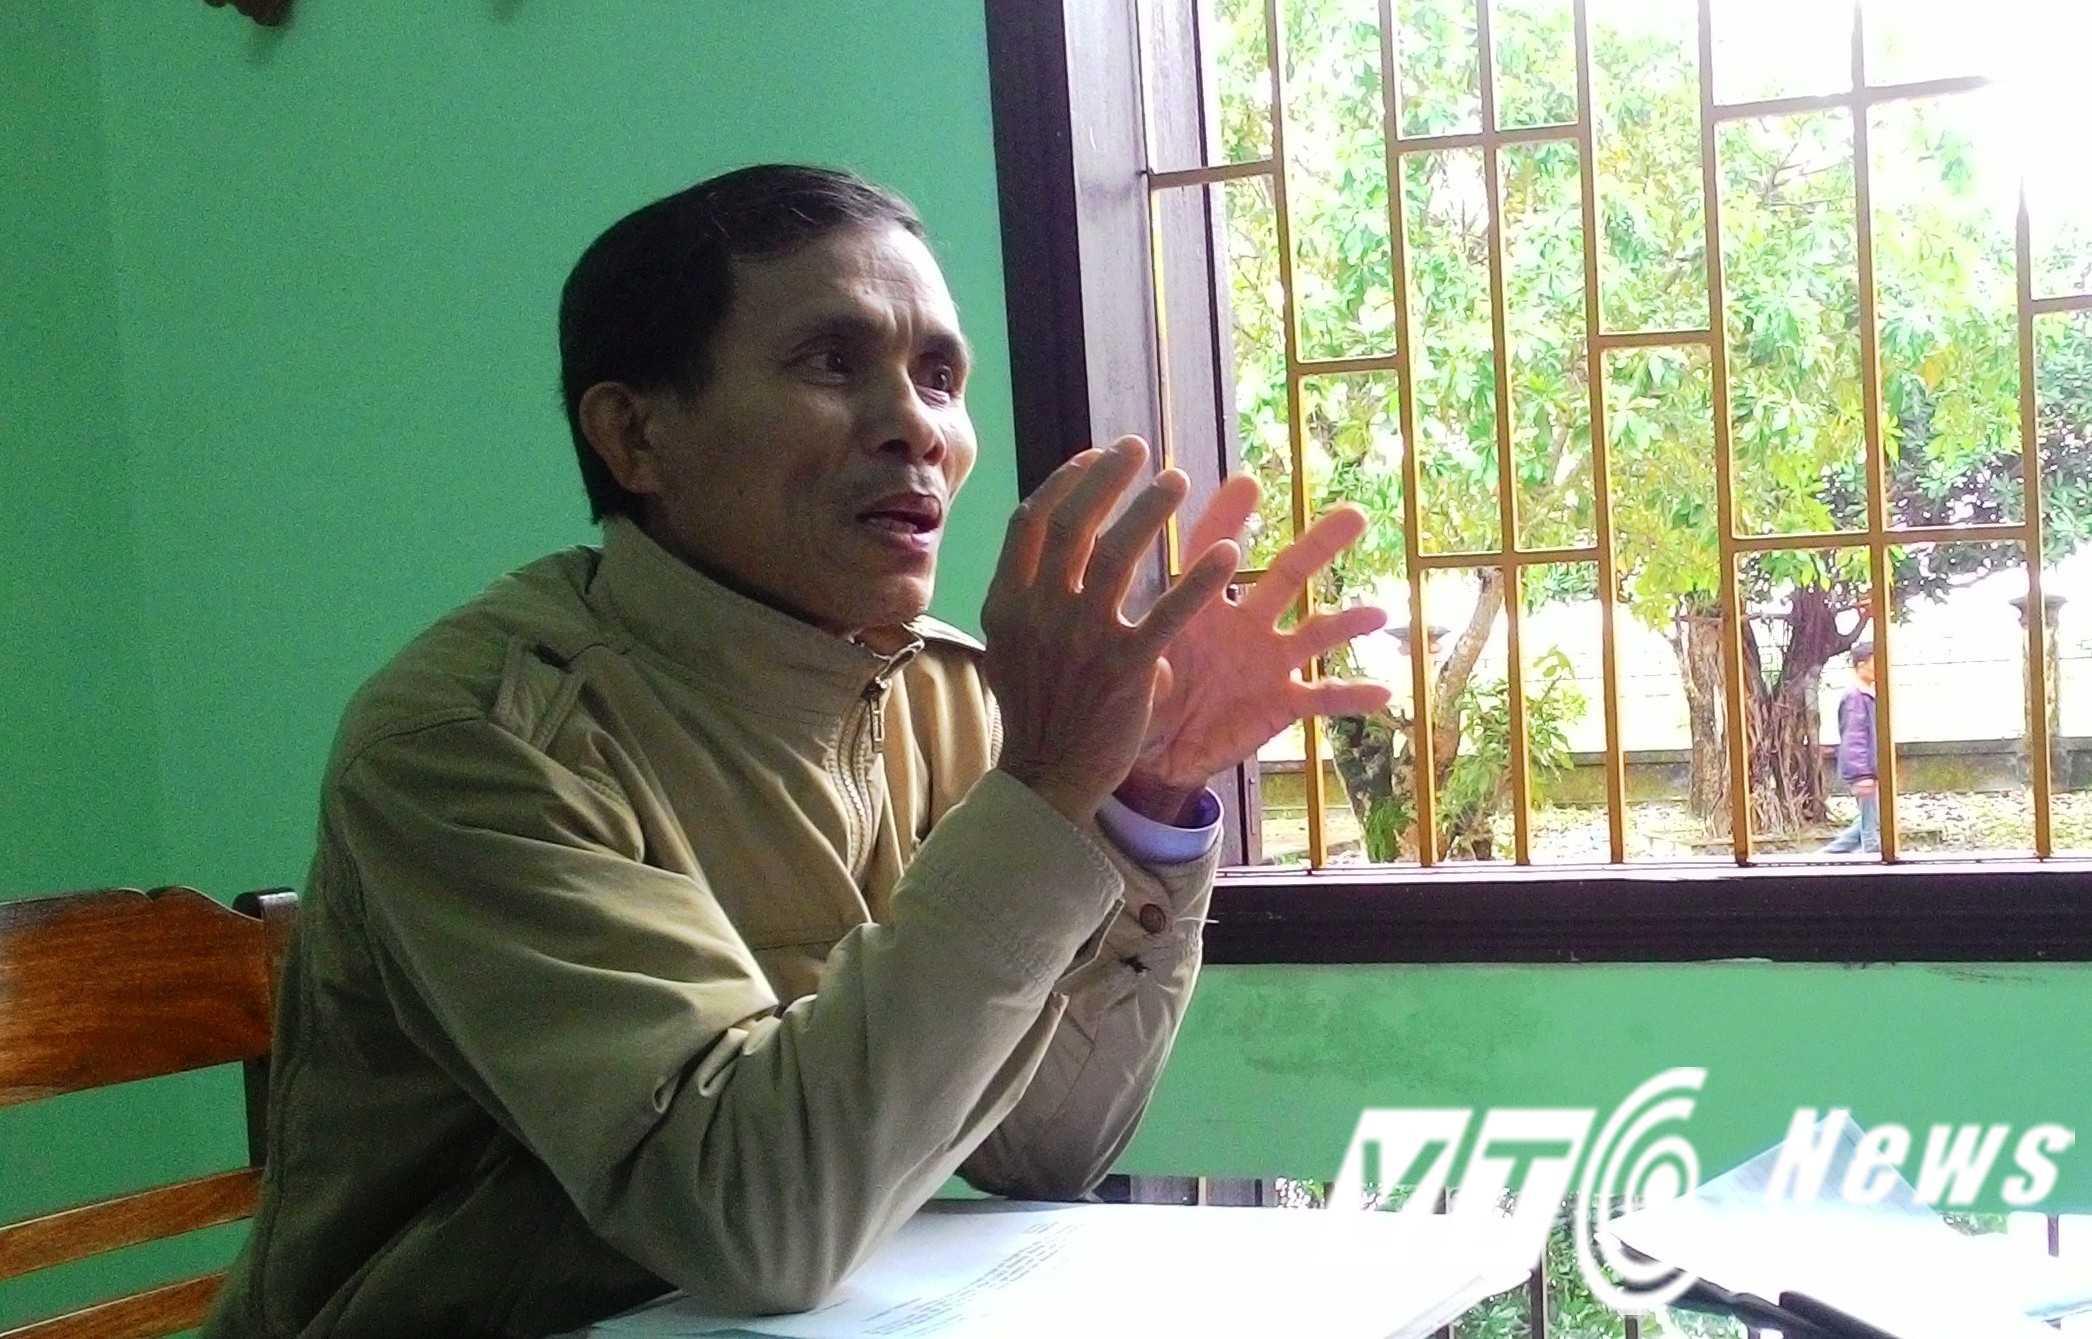 Ông Trần Gia Huy, Phó chủ tịch UBND xã Điền Hương bất ngờ khi hay tin Yên làm giám đốc.